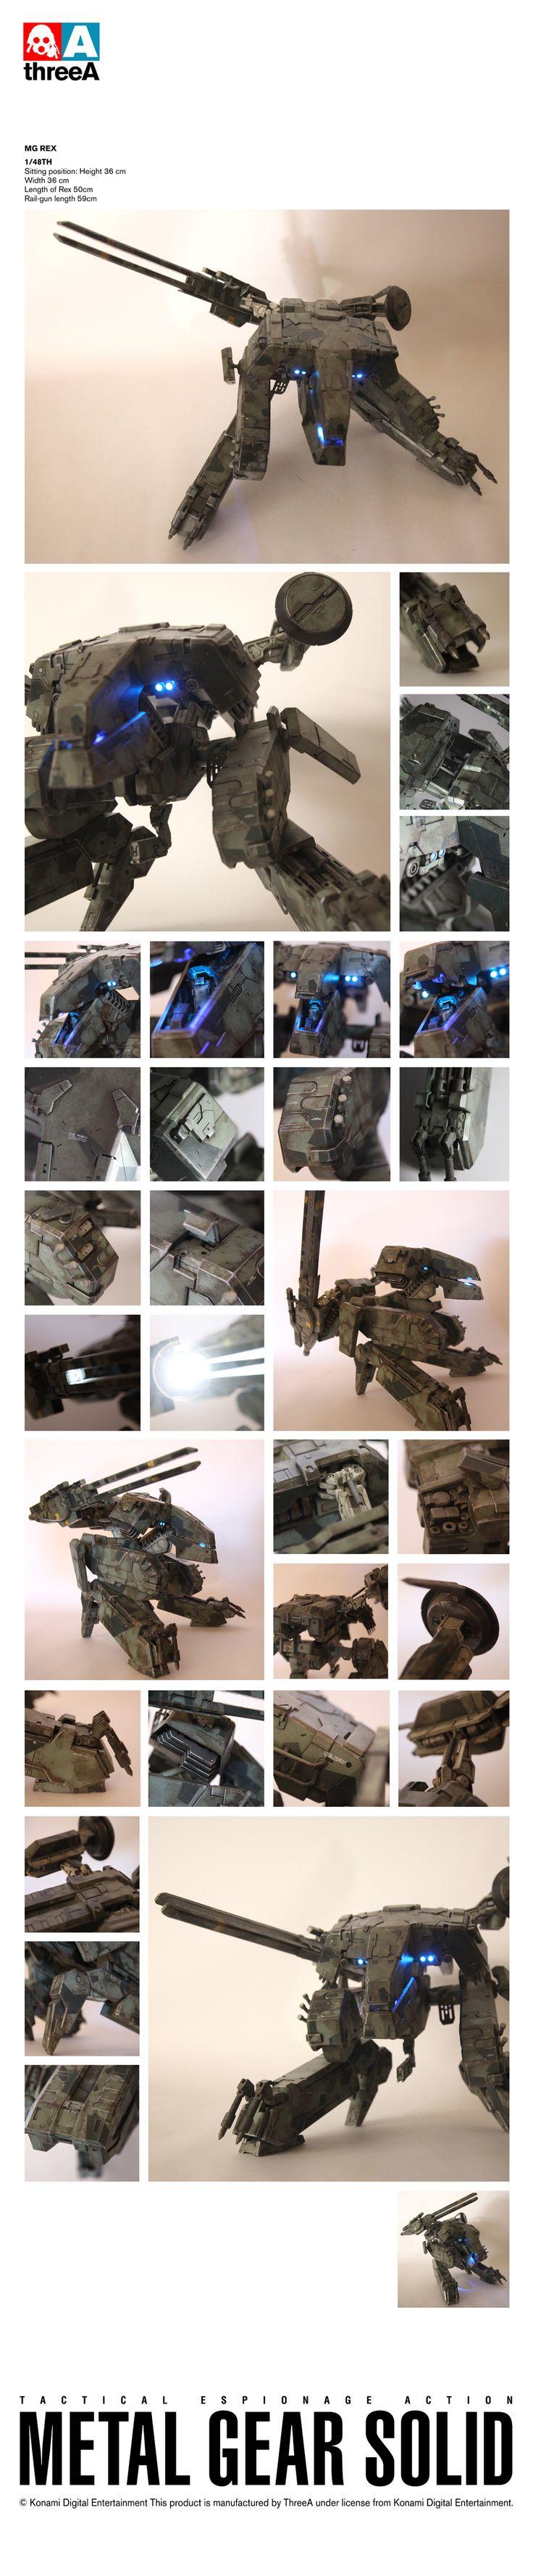 MG Rex - Rex was the best metal gear.. it had the metal gear in the metal gear!! And I locked my keys inside. :(